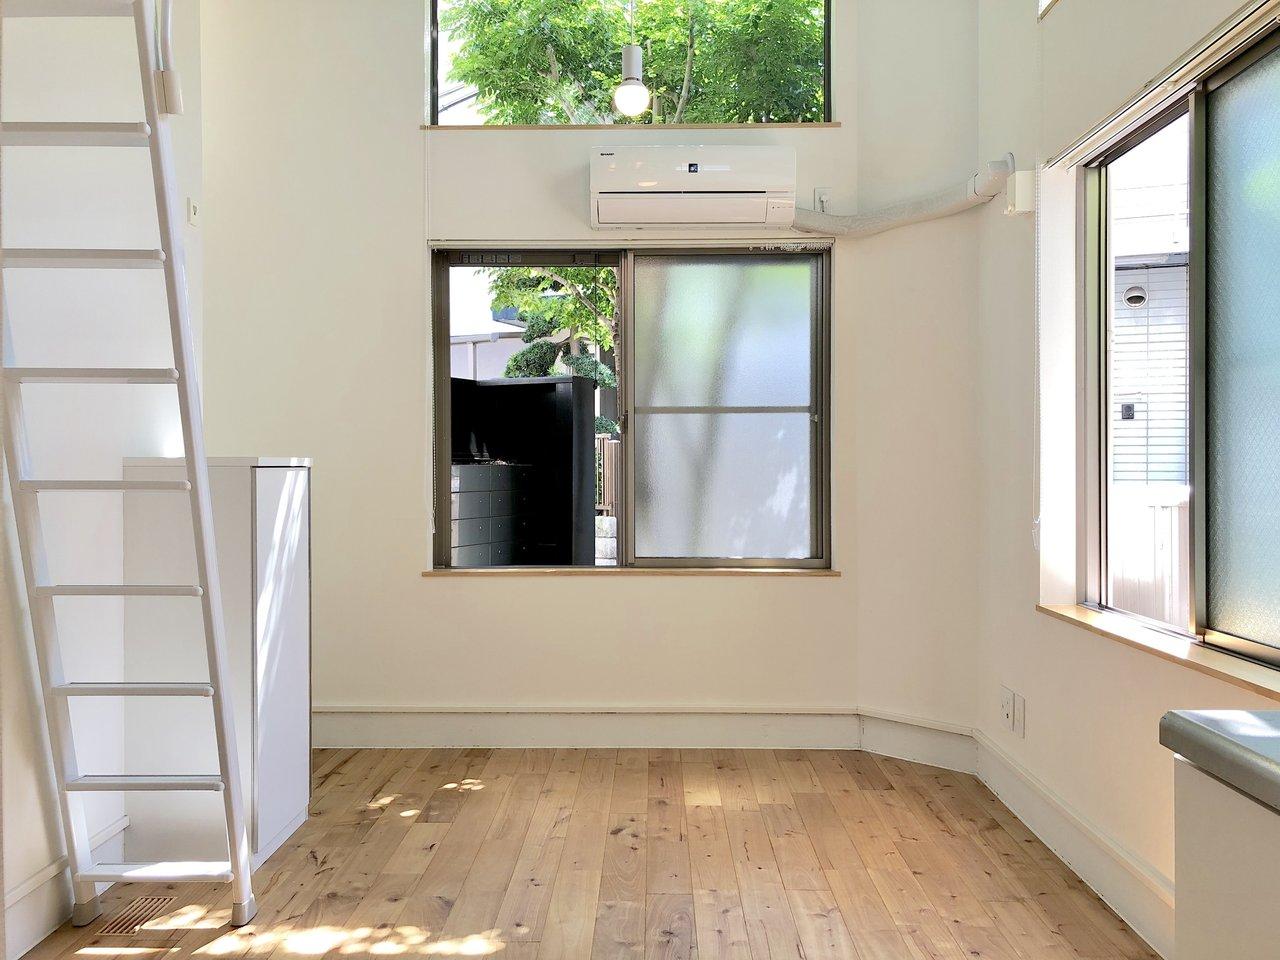 ロフトがある分、天井が高め。窓も多く、とっても開放感があります。フローリングの木目とブルーのバランスがよく、ナチュラルな家具が合いそうです。